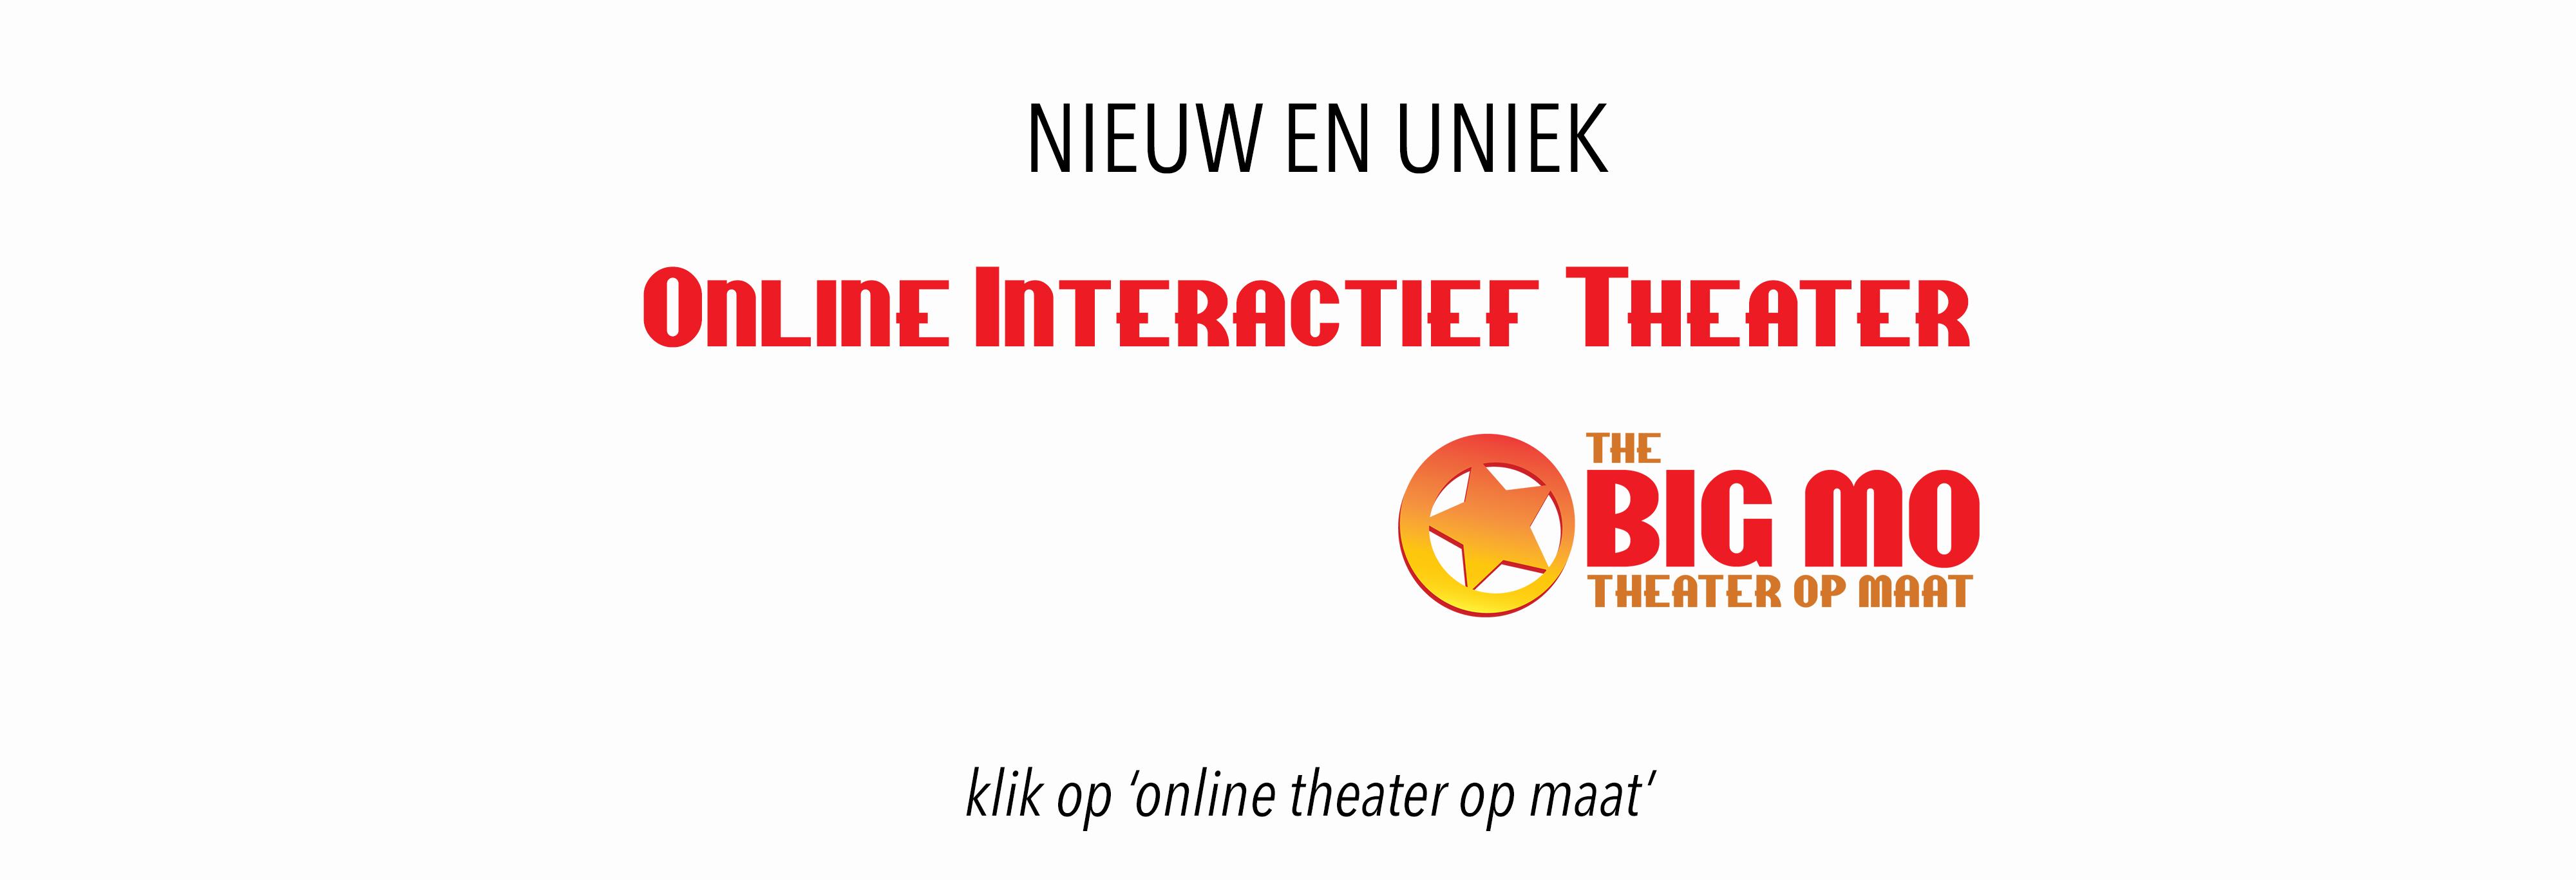 online interactief theater